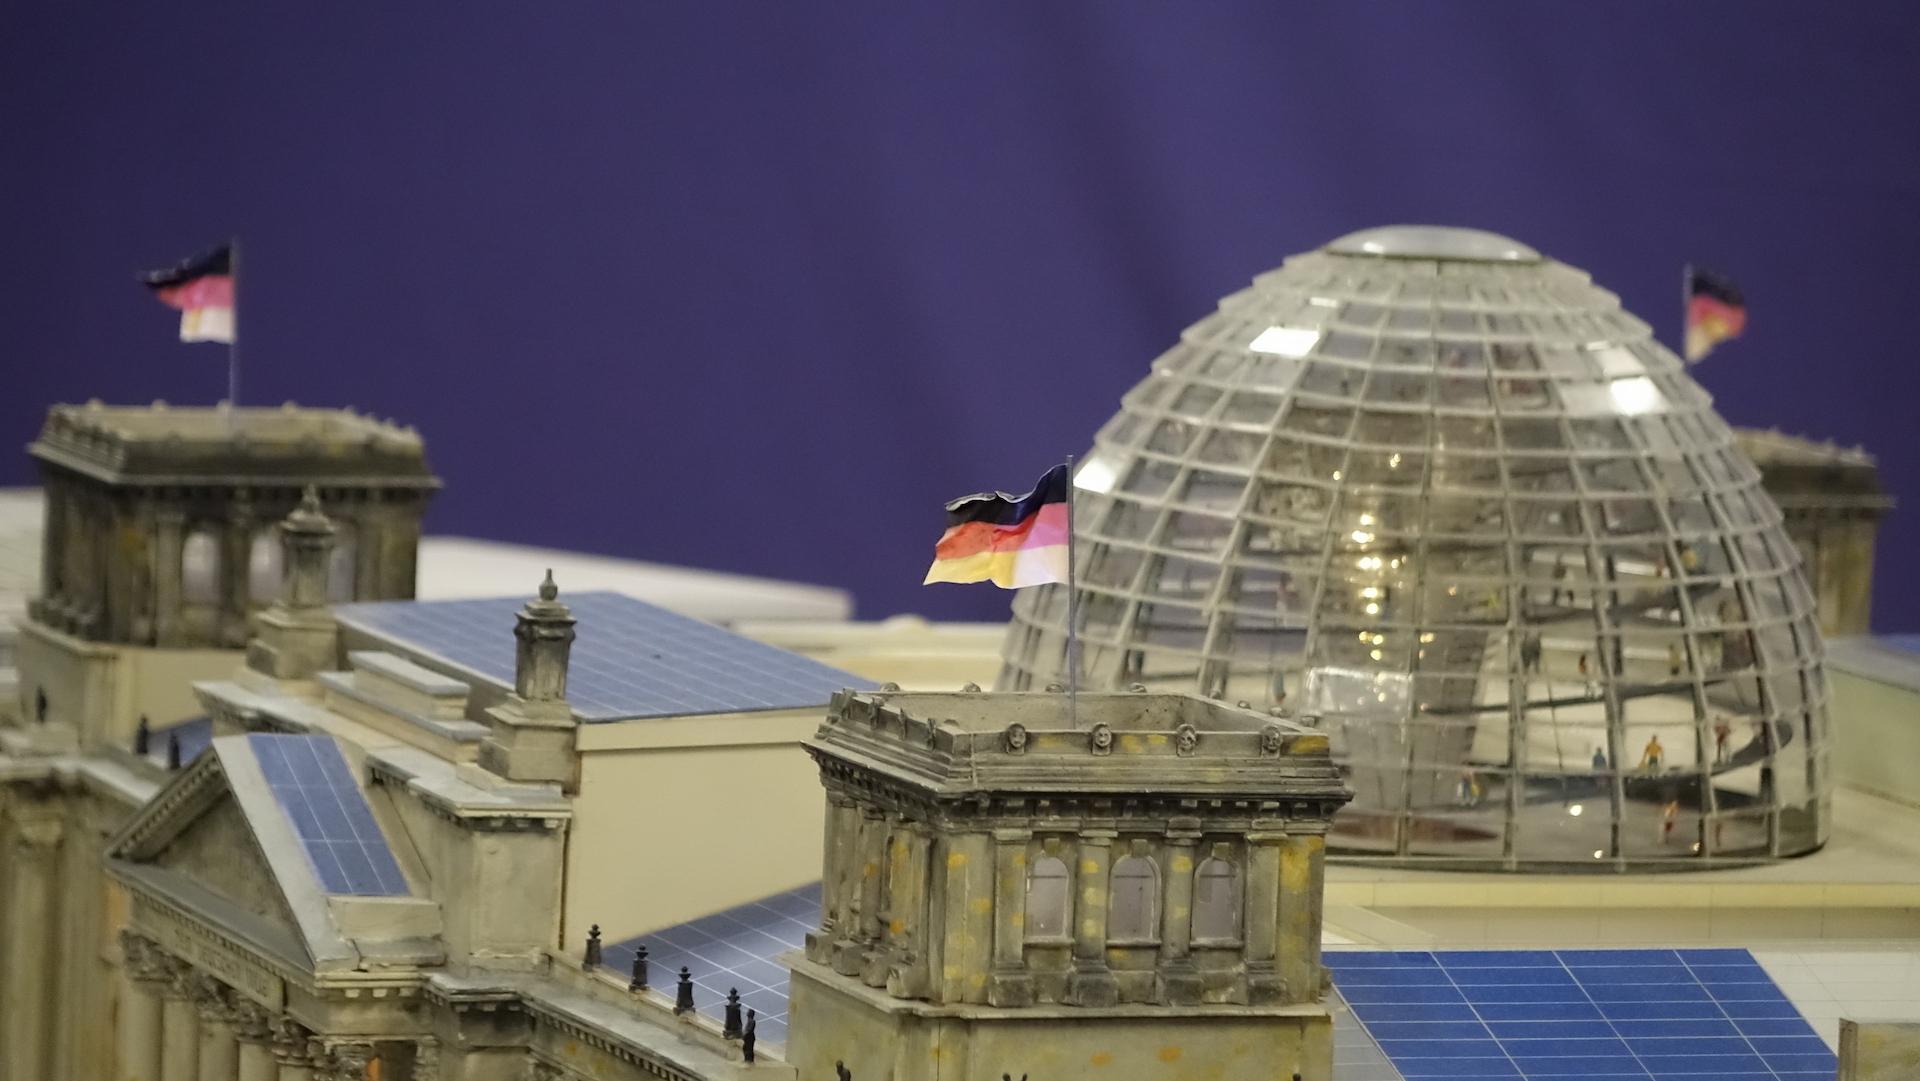 17_04_30_Miniaturwelten-Loox-Berlin_064